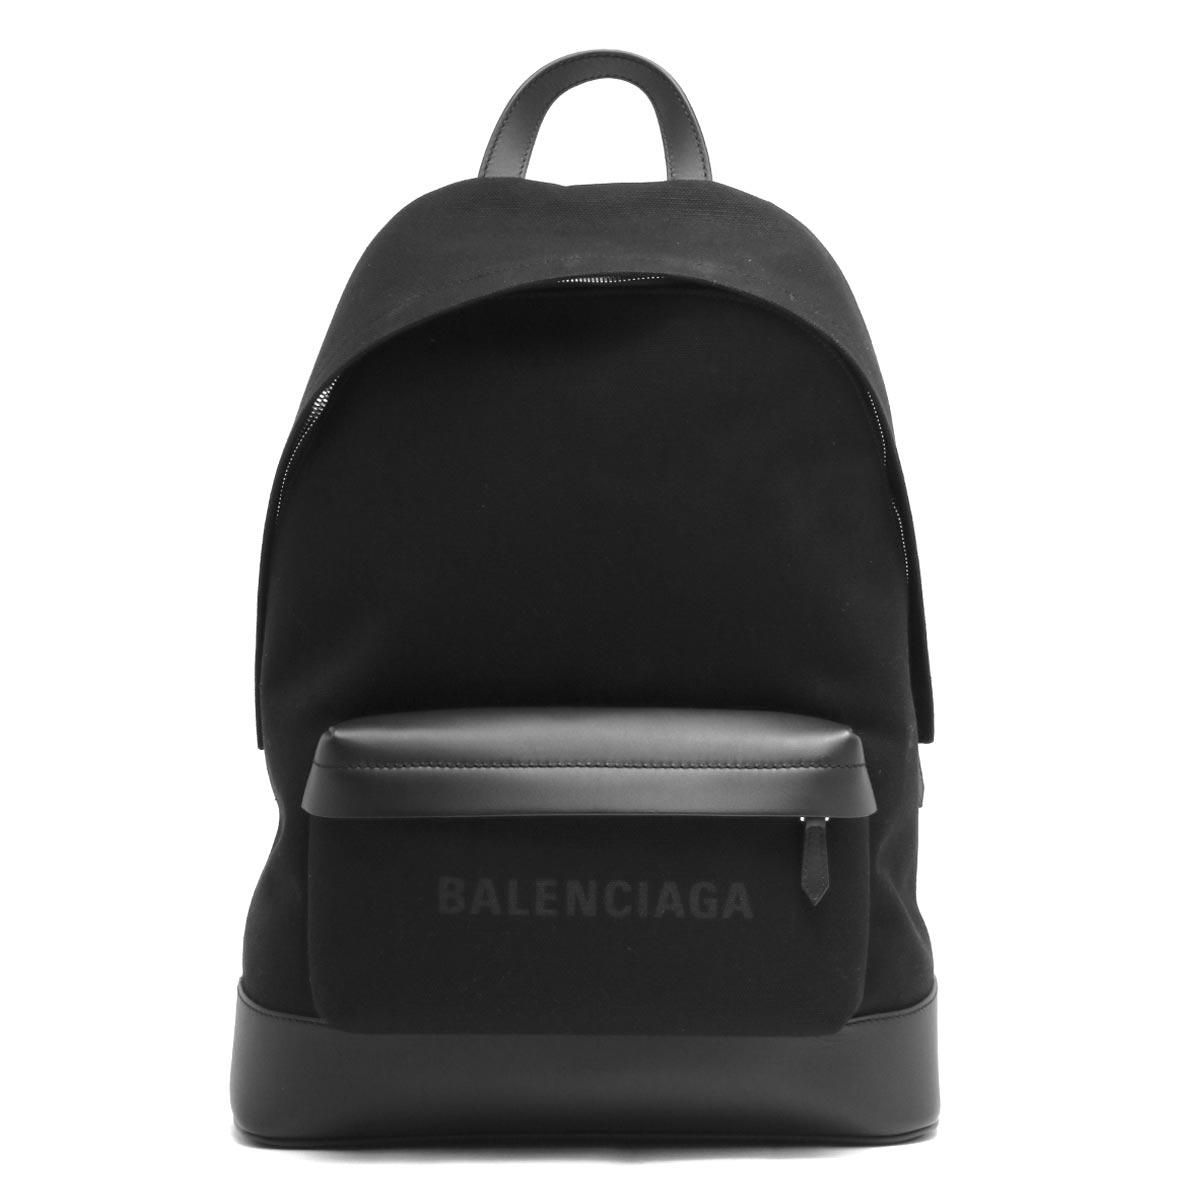 バレンシアガ リュックサック バッグ メンズ レディース ネイビー ブラック 392007 AQ3AN 1000 BALENCIAGA